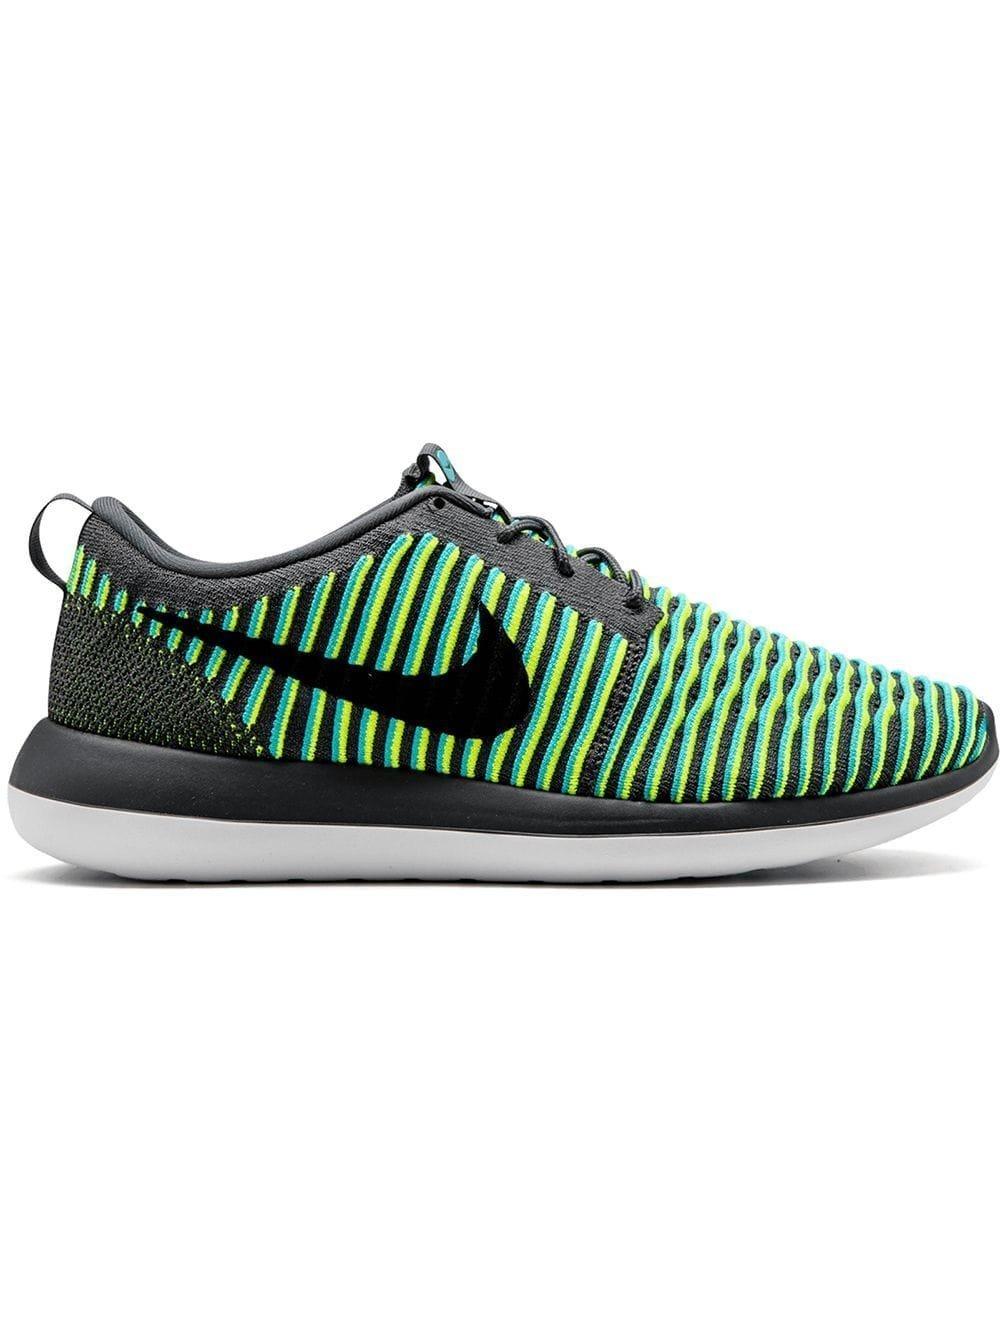 6e862e20f08 Nike Roshe Two Flyknit | Nike Roshe Two Flyknit sale | Sneakers4u